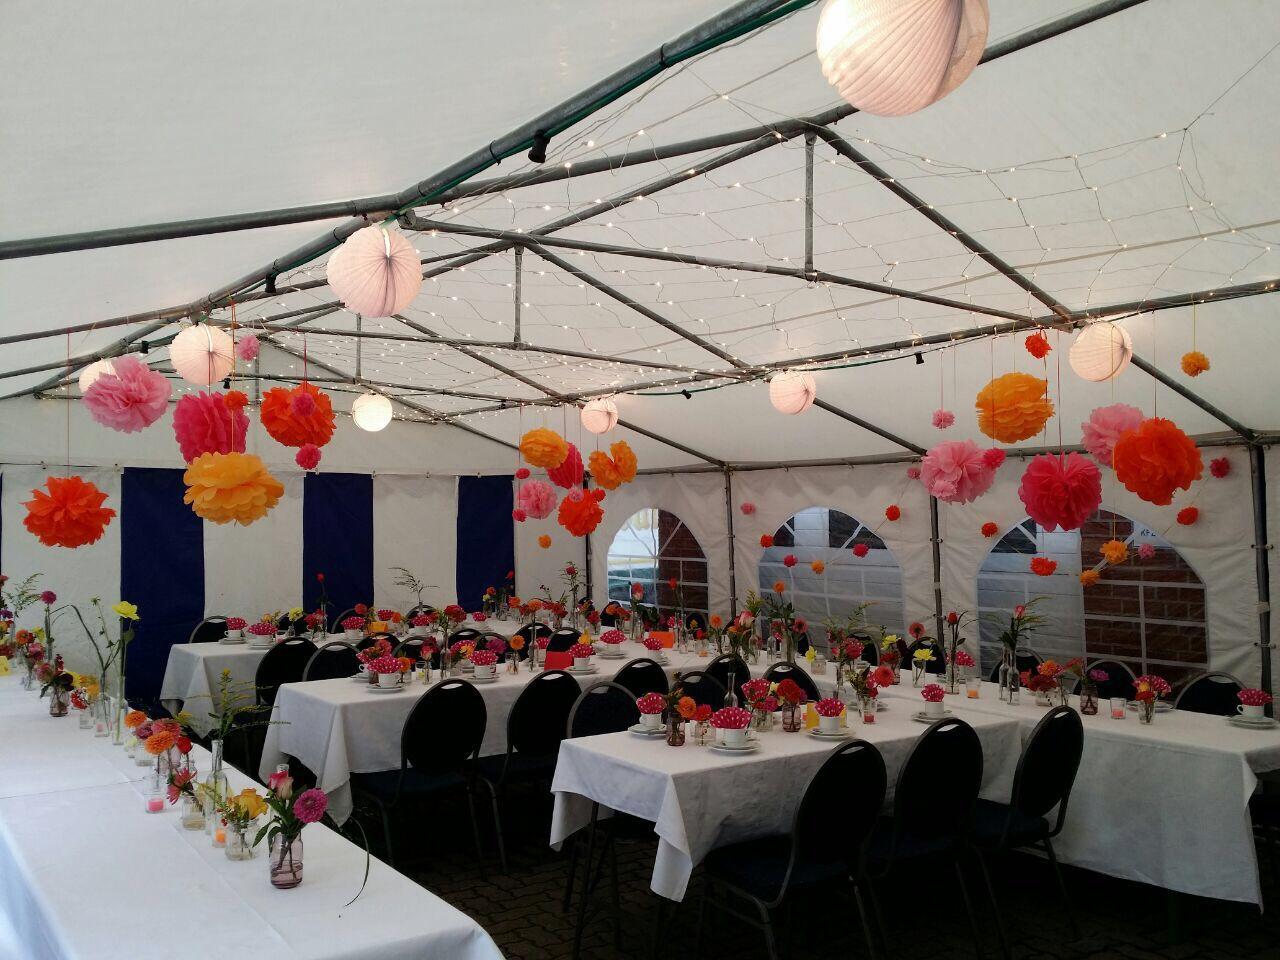 Hochzeit im zelt bunt sommer pompoms dahlien rosen hochzeit - Polterabend deko ideen ...